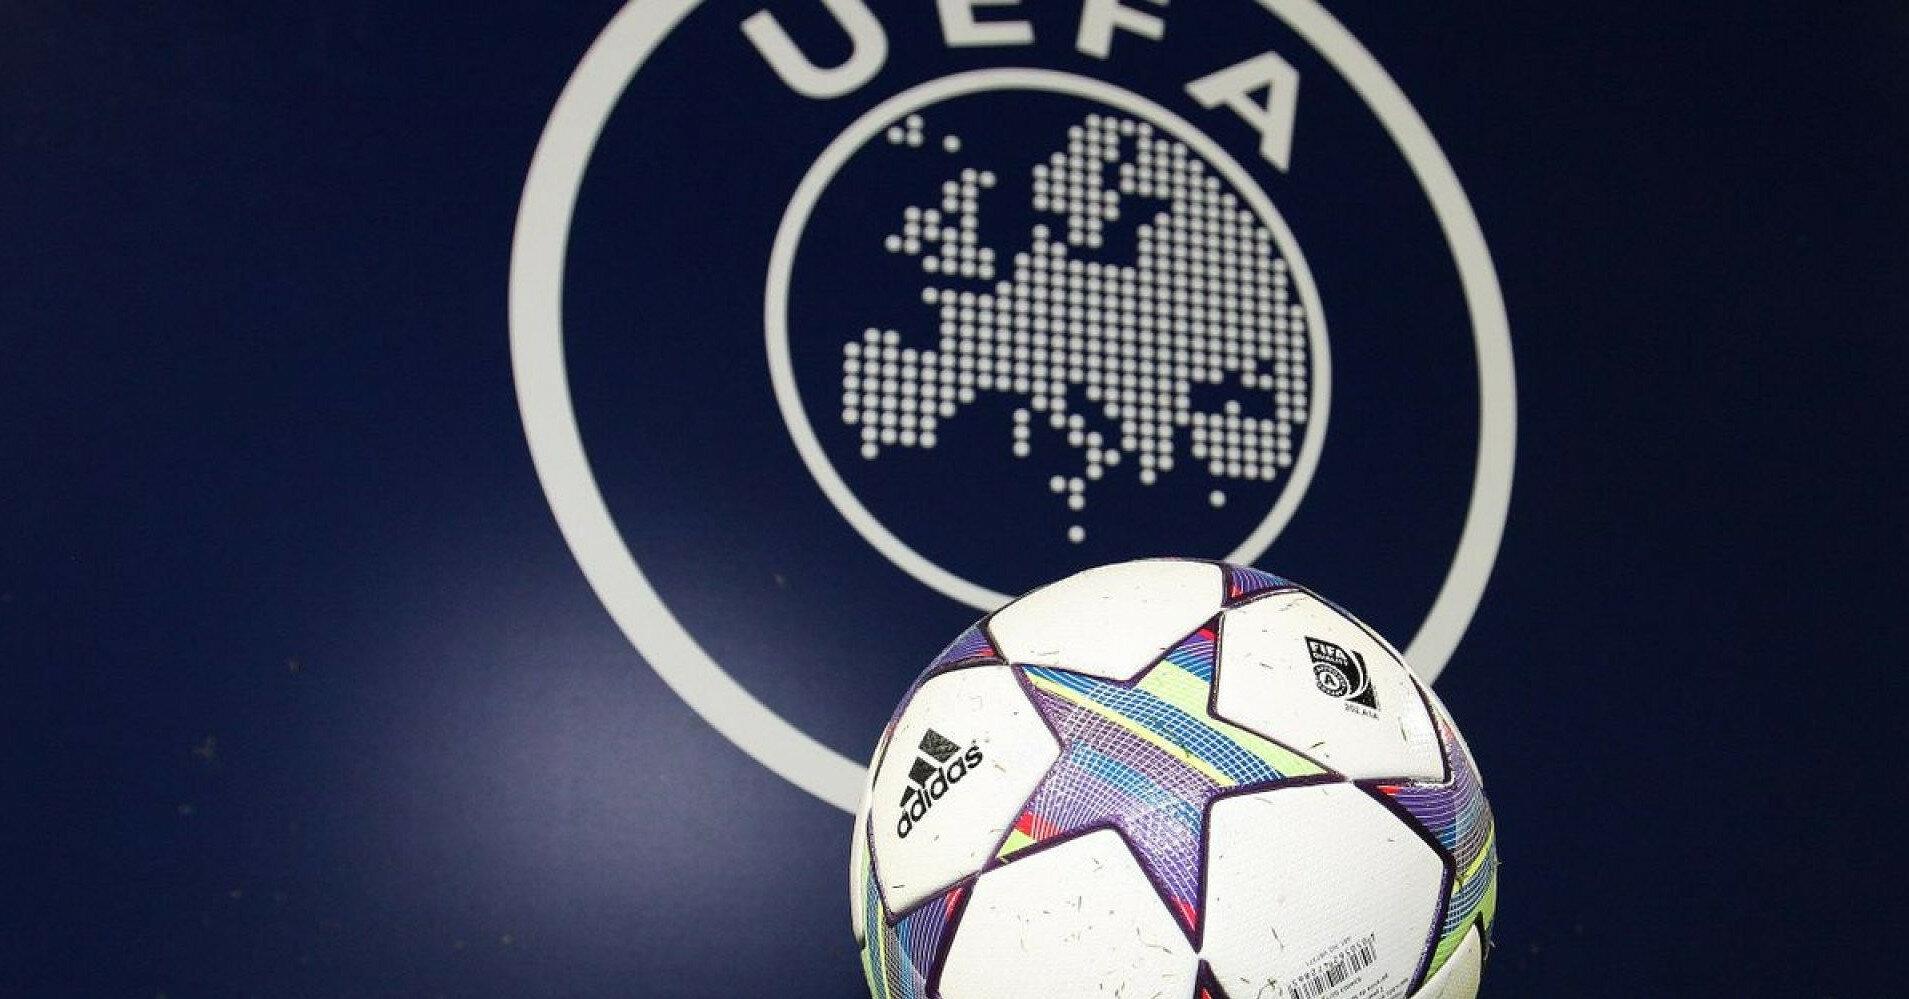 УЕФА может увеличить количество участников ЧЕ